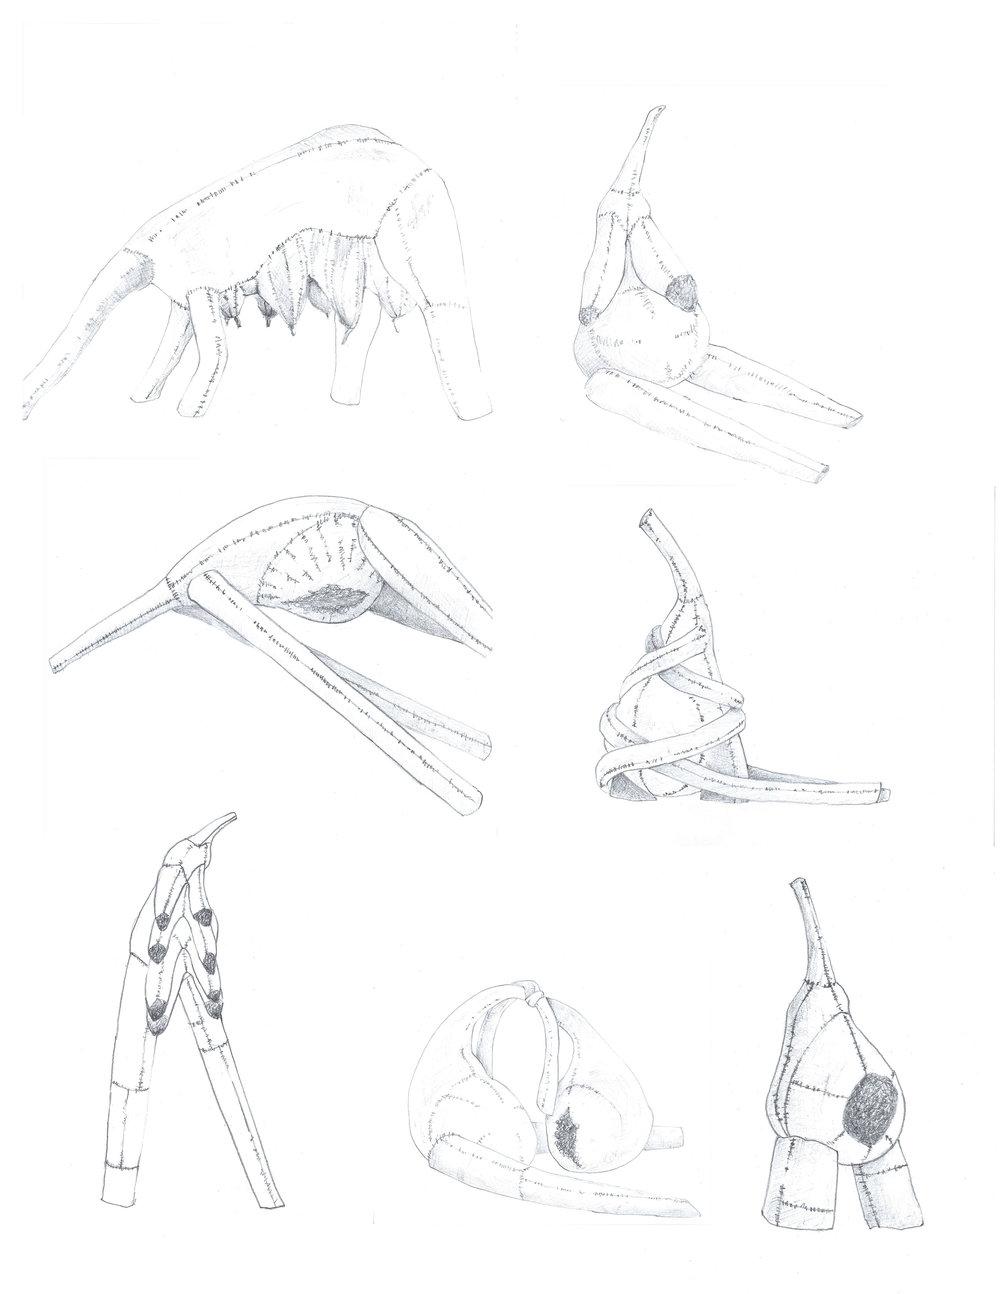 MAEP-sketch.jpg